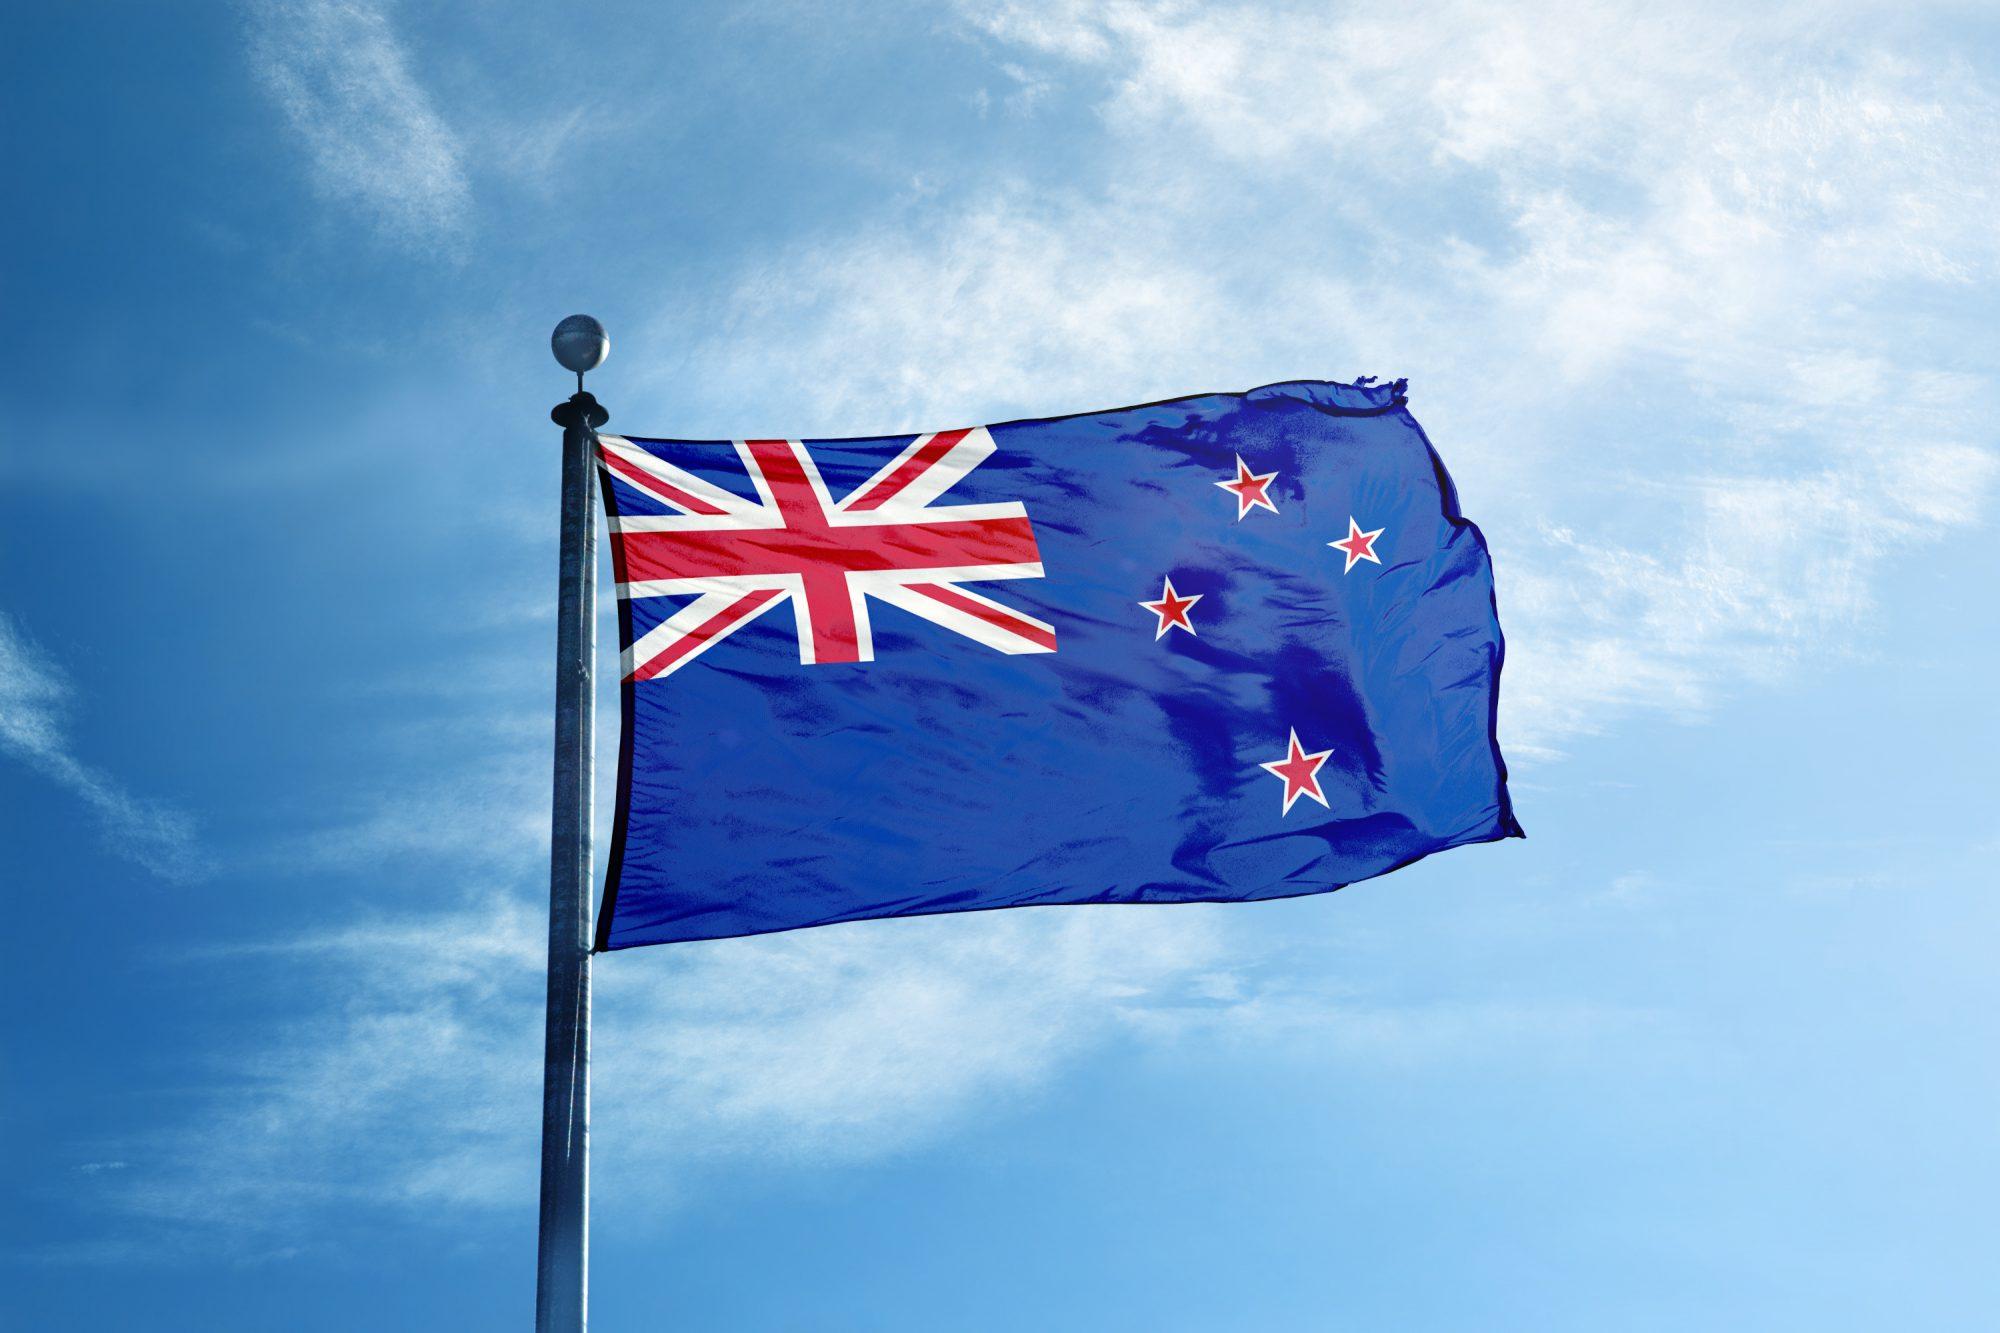 Флаг Новая Зеландия / New Zealand flag